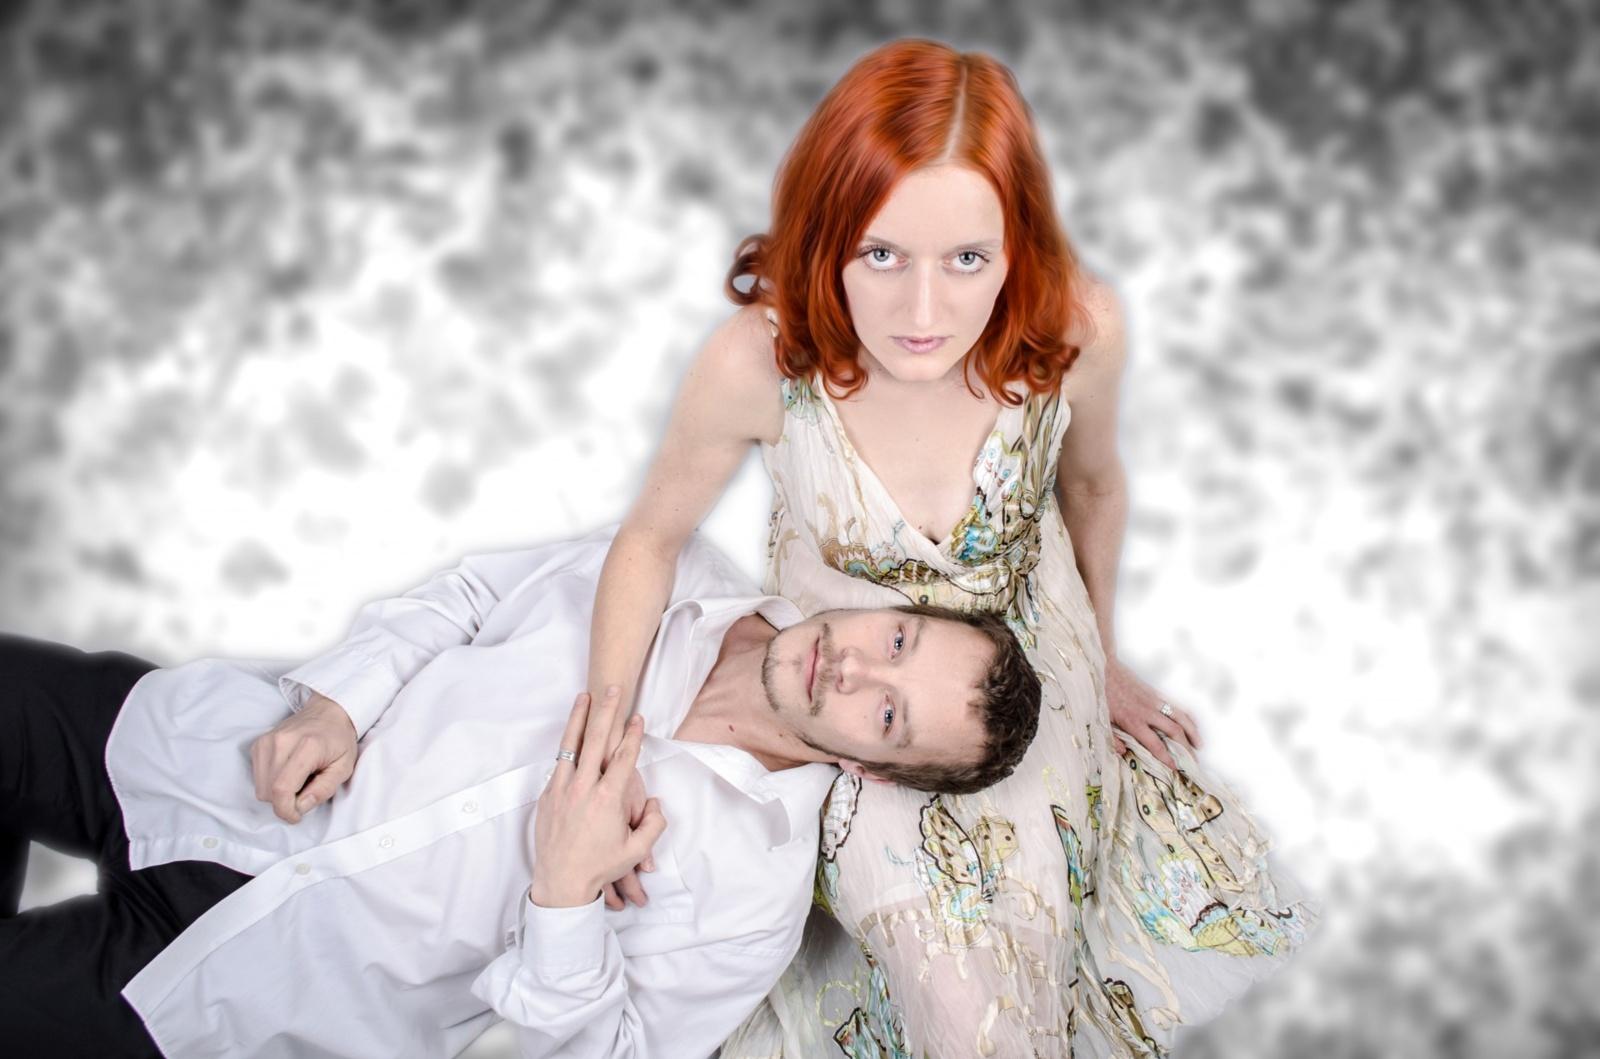 6 požymiai, kad palaikote santykius su partneriu tik iš vienatvės baimės